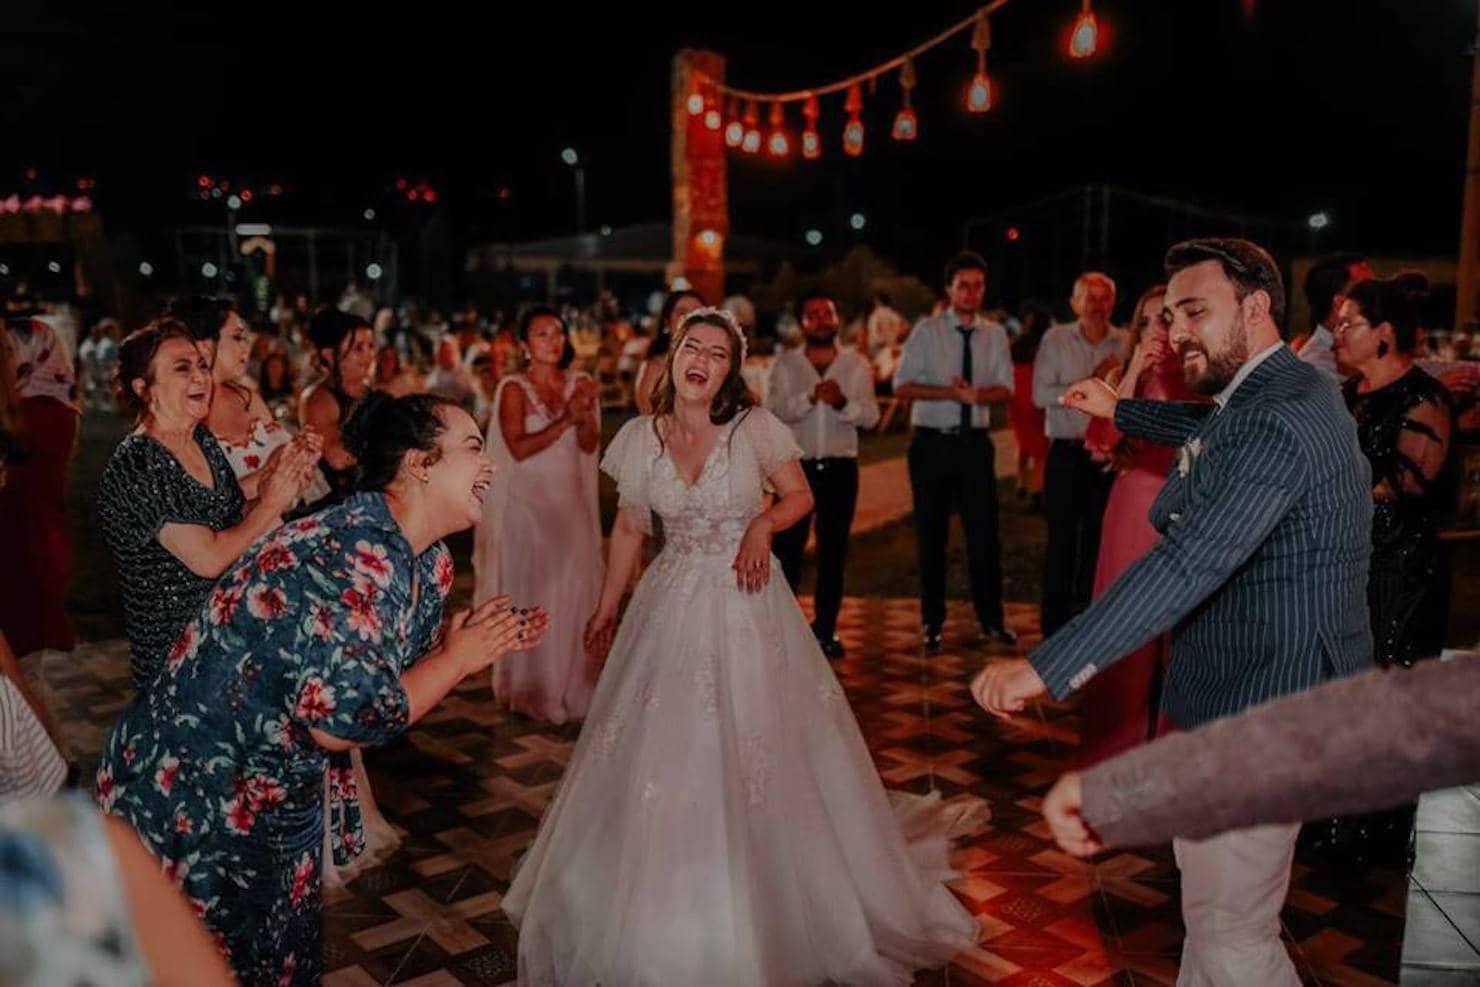 Sınırlama kaldırıldı çalgılı, çengili, halaylı düğünlere dönüş başladı